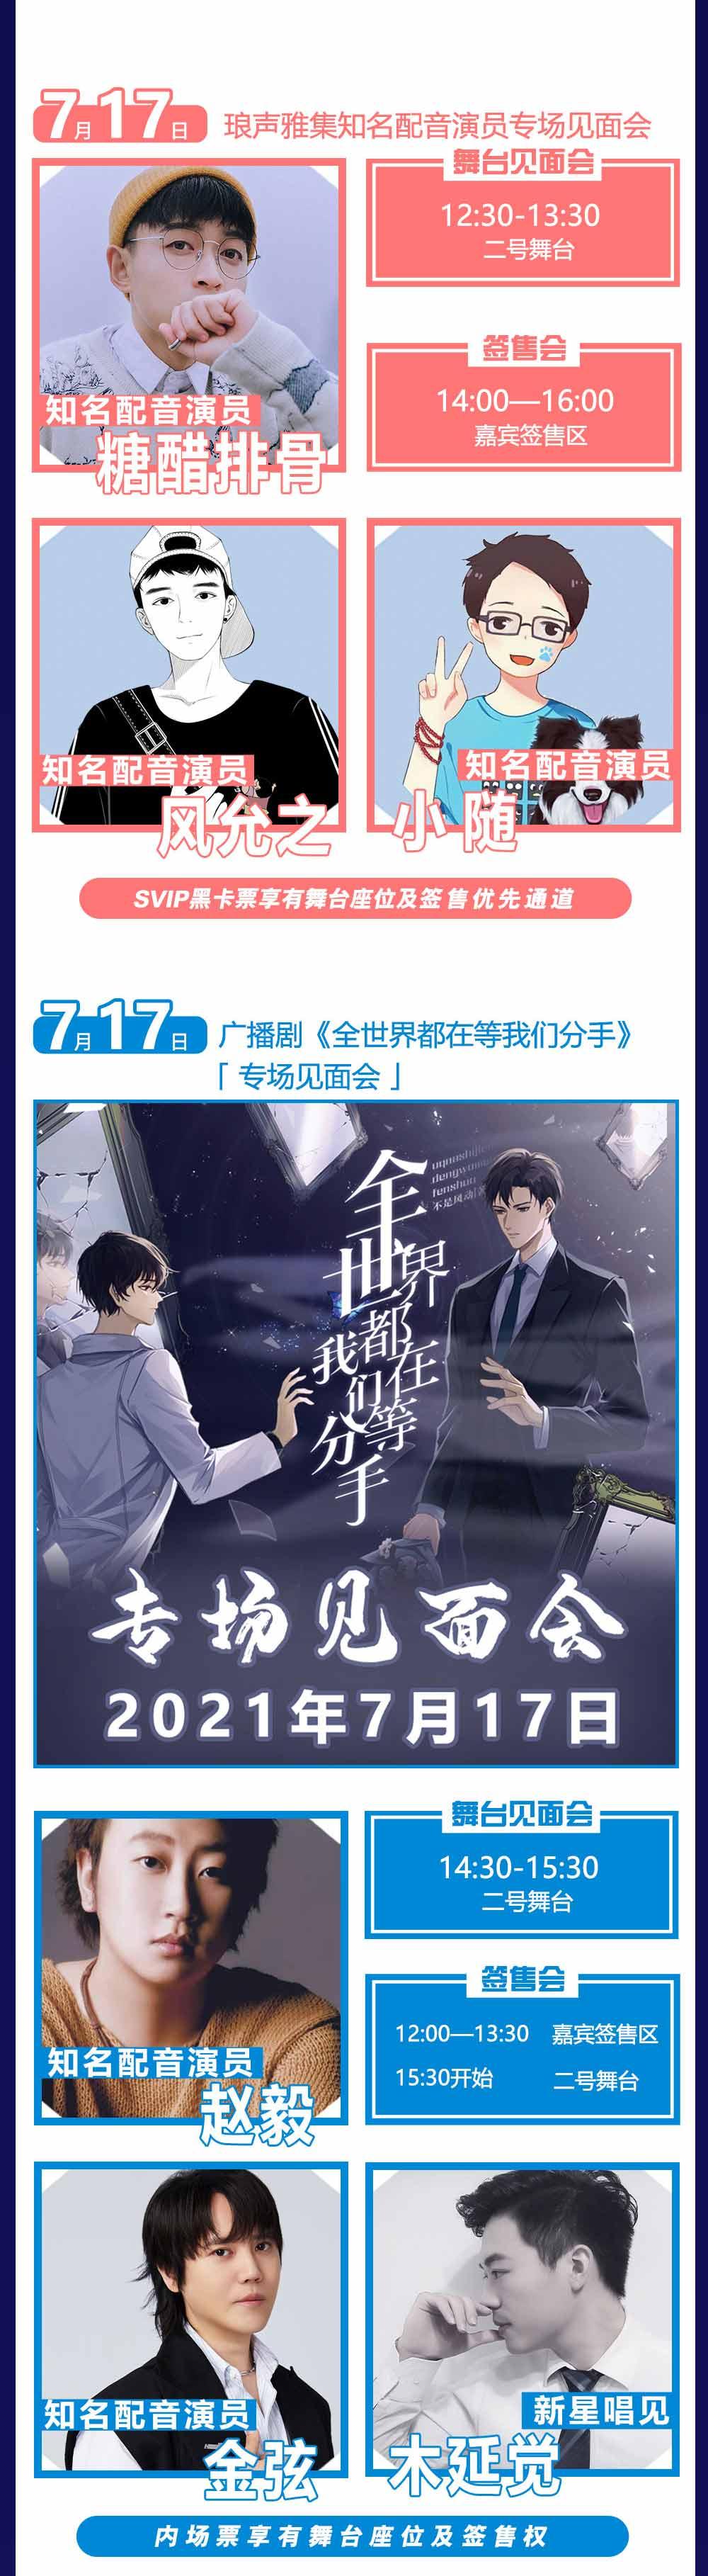 2021北京暑假嗨玩第四届IJOYxCGF北京大型二次元狂欢节